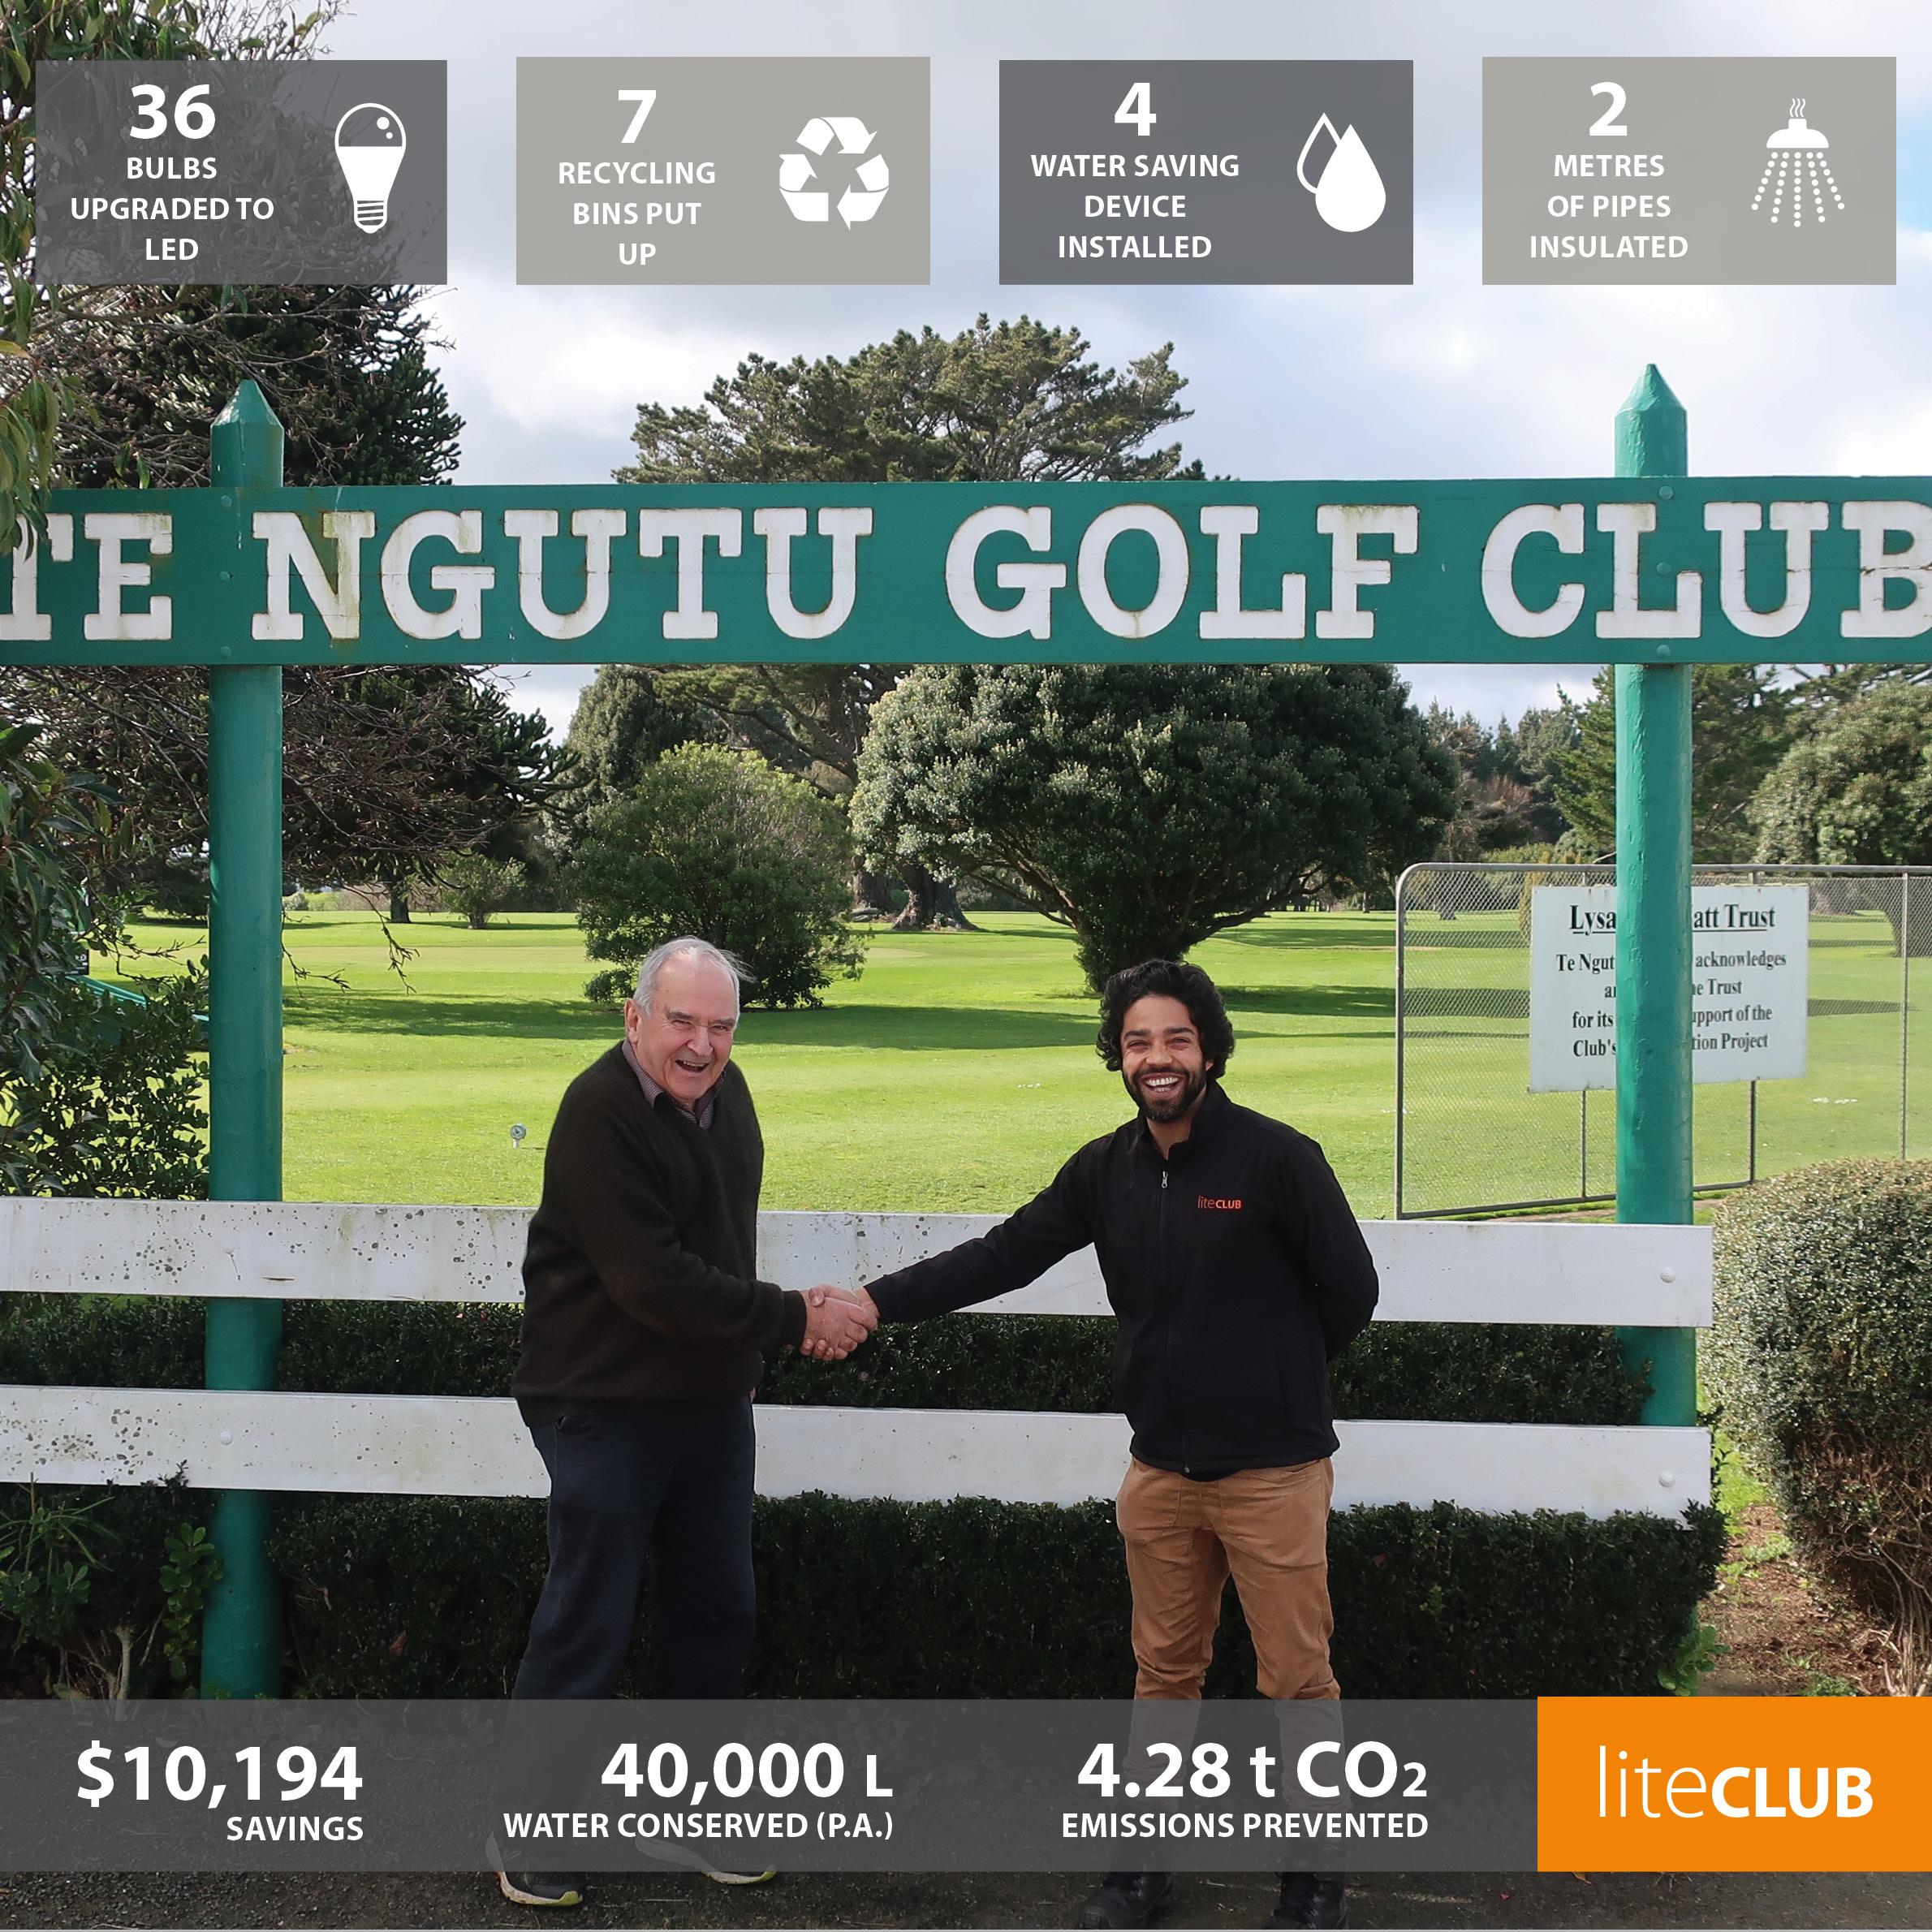 Te Ngutu Golf Club